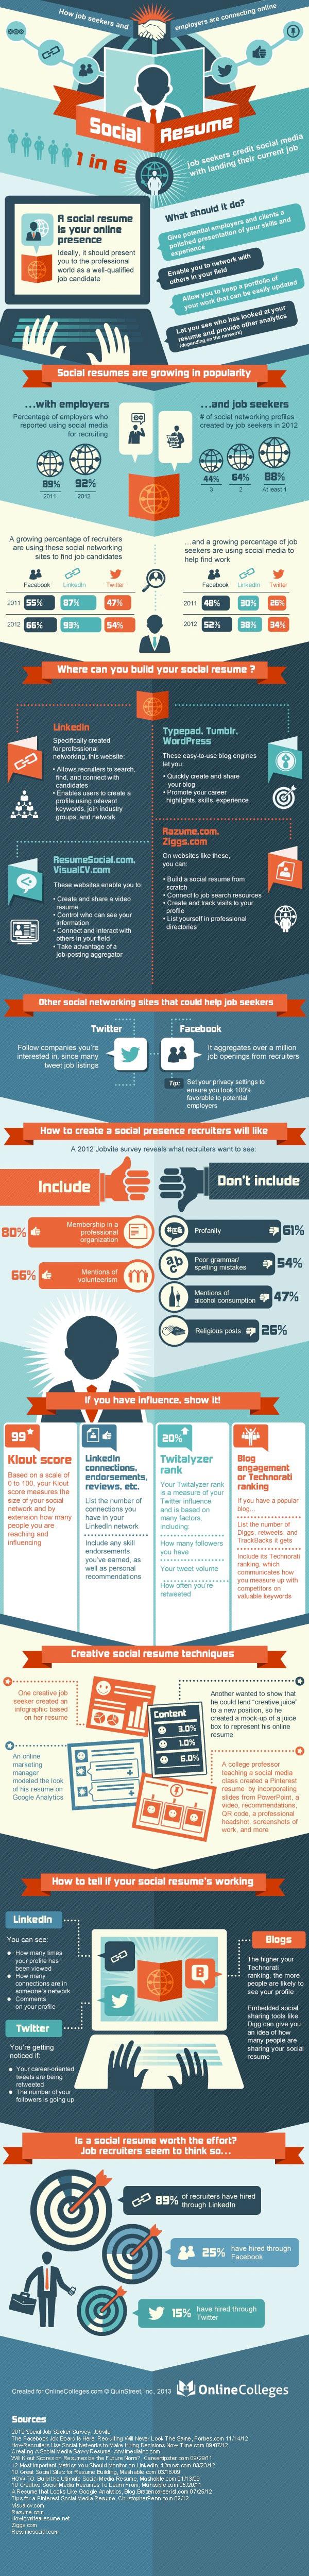 Social Resume Breakdown-Infographic